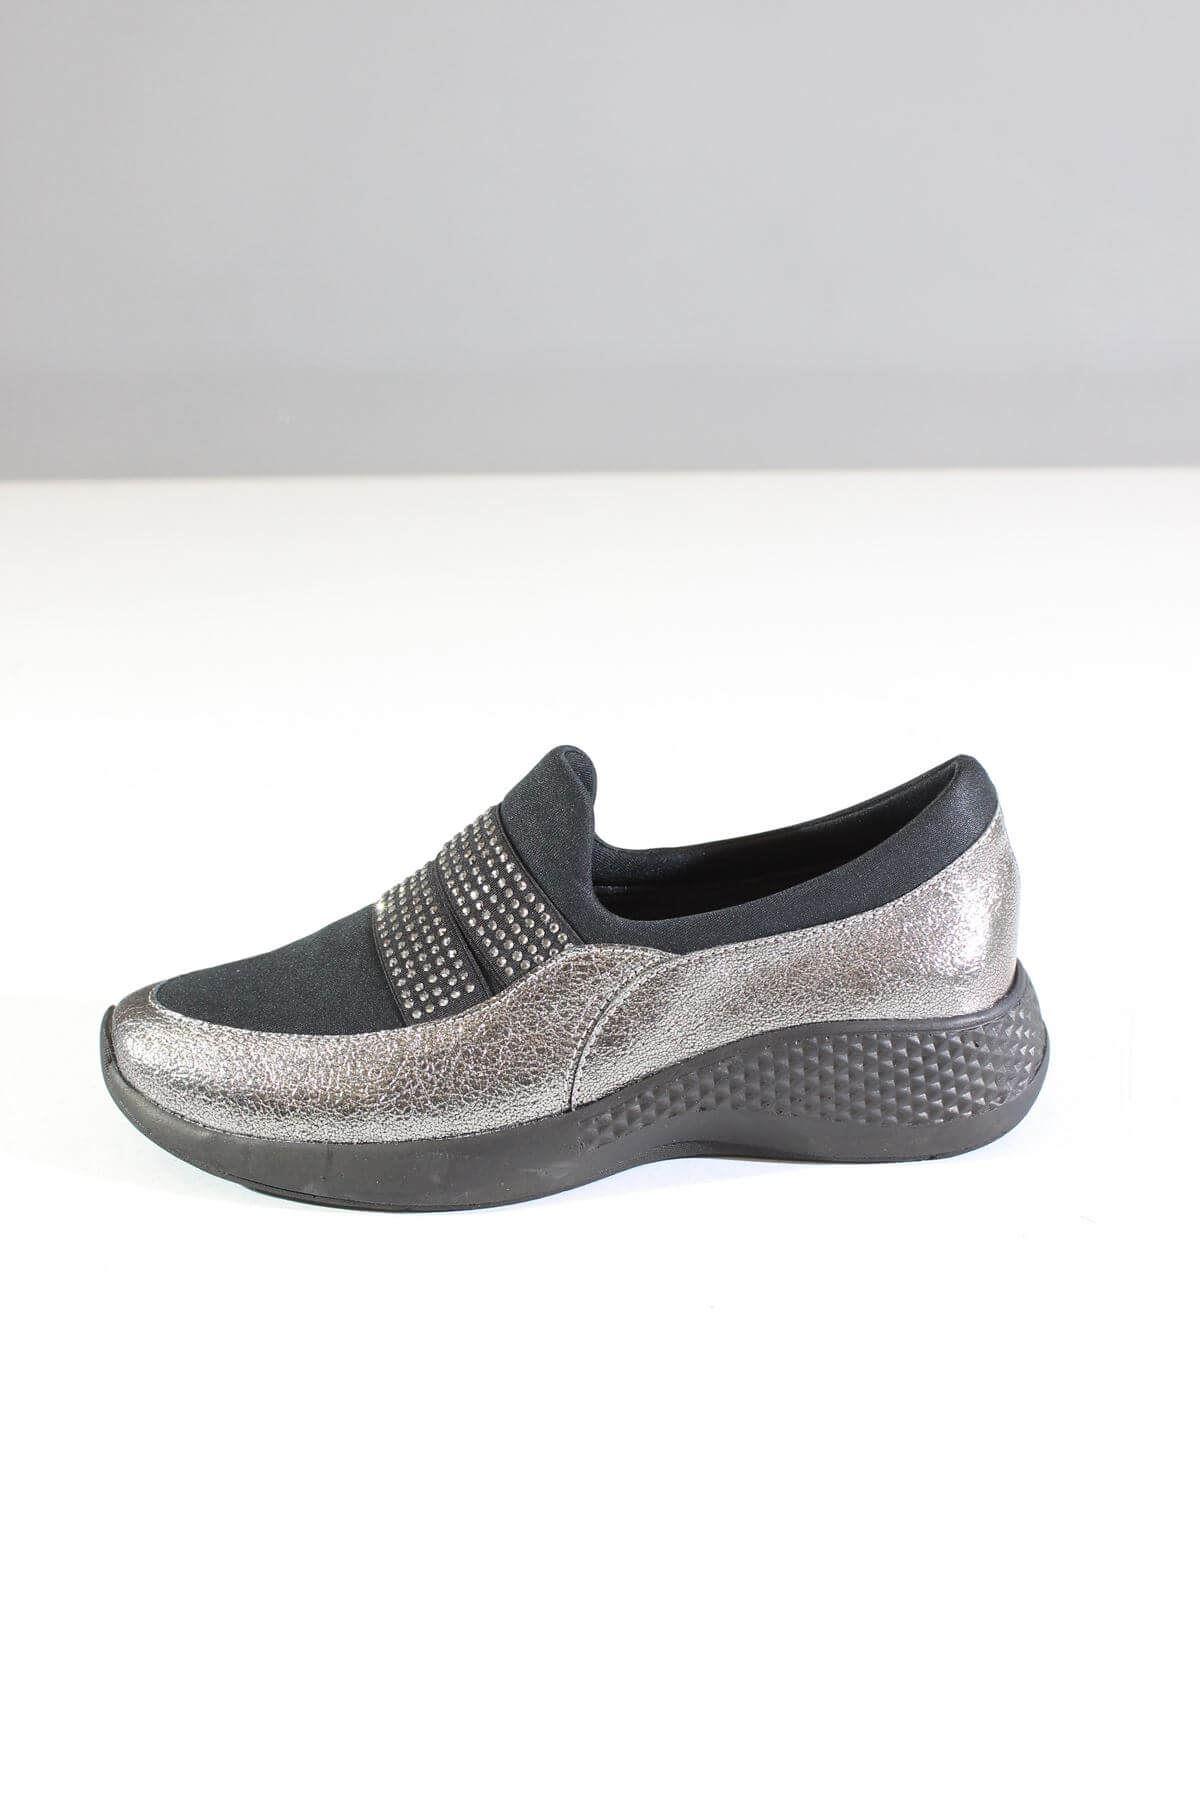 Trend Ayakkabı 0055 Platin Simli Kadın Ayakkabı